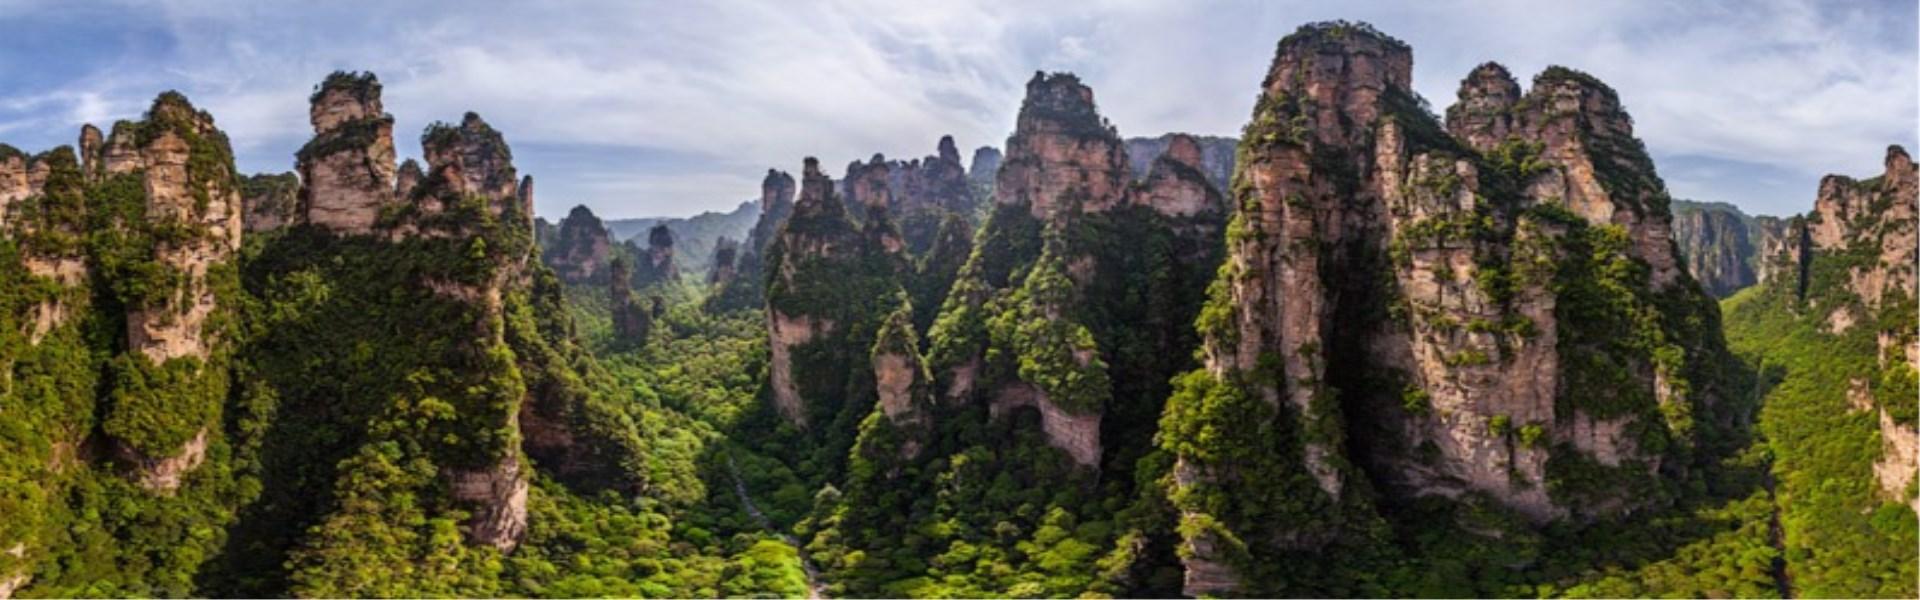 6 Days Changsha Fenghuang Zhangjiajie